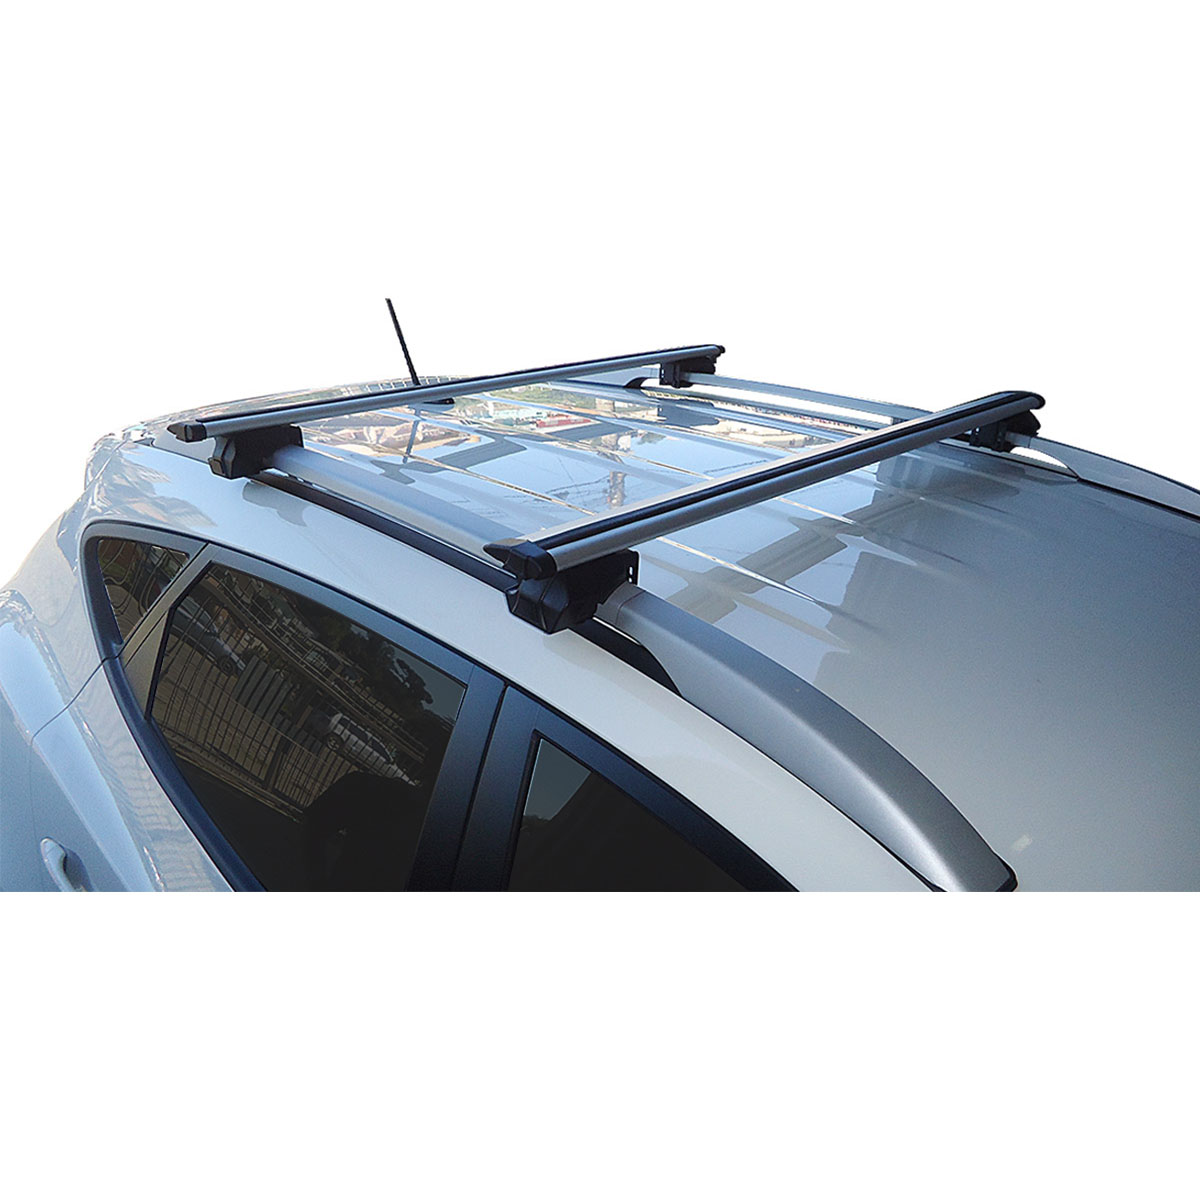 Travessa rack de teto Procargo I30 CW 2011 e 2012 com trava de segurança